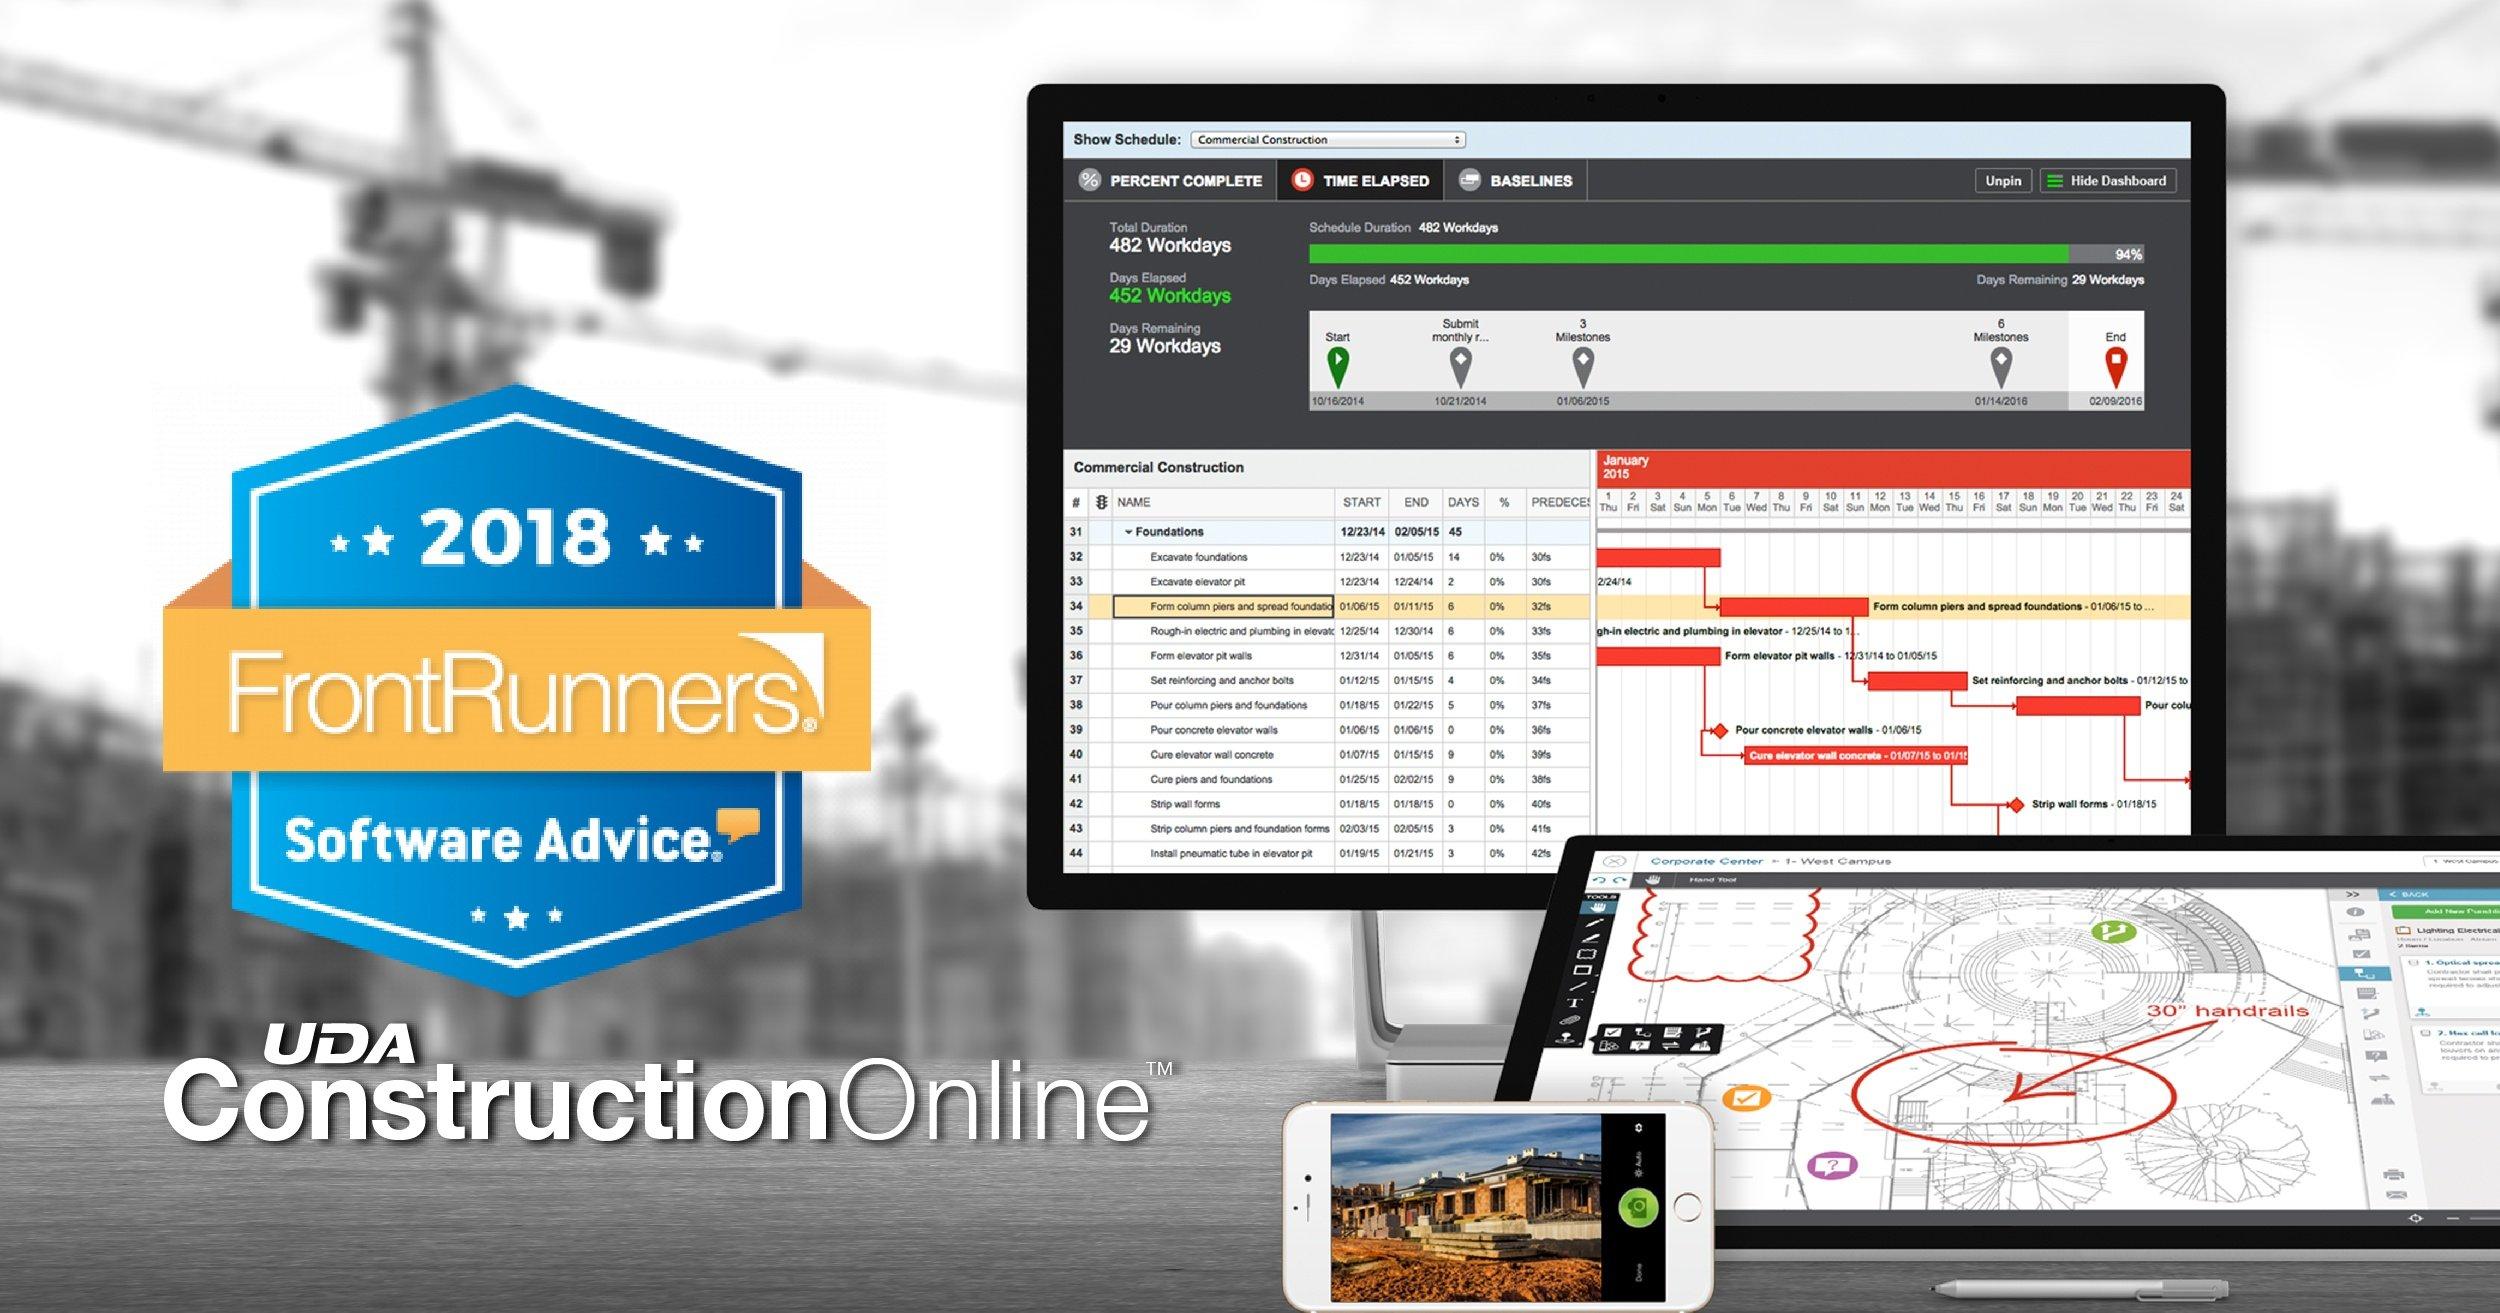 ConstructionOnline Named FrontRunner for Construction Management Software